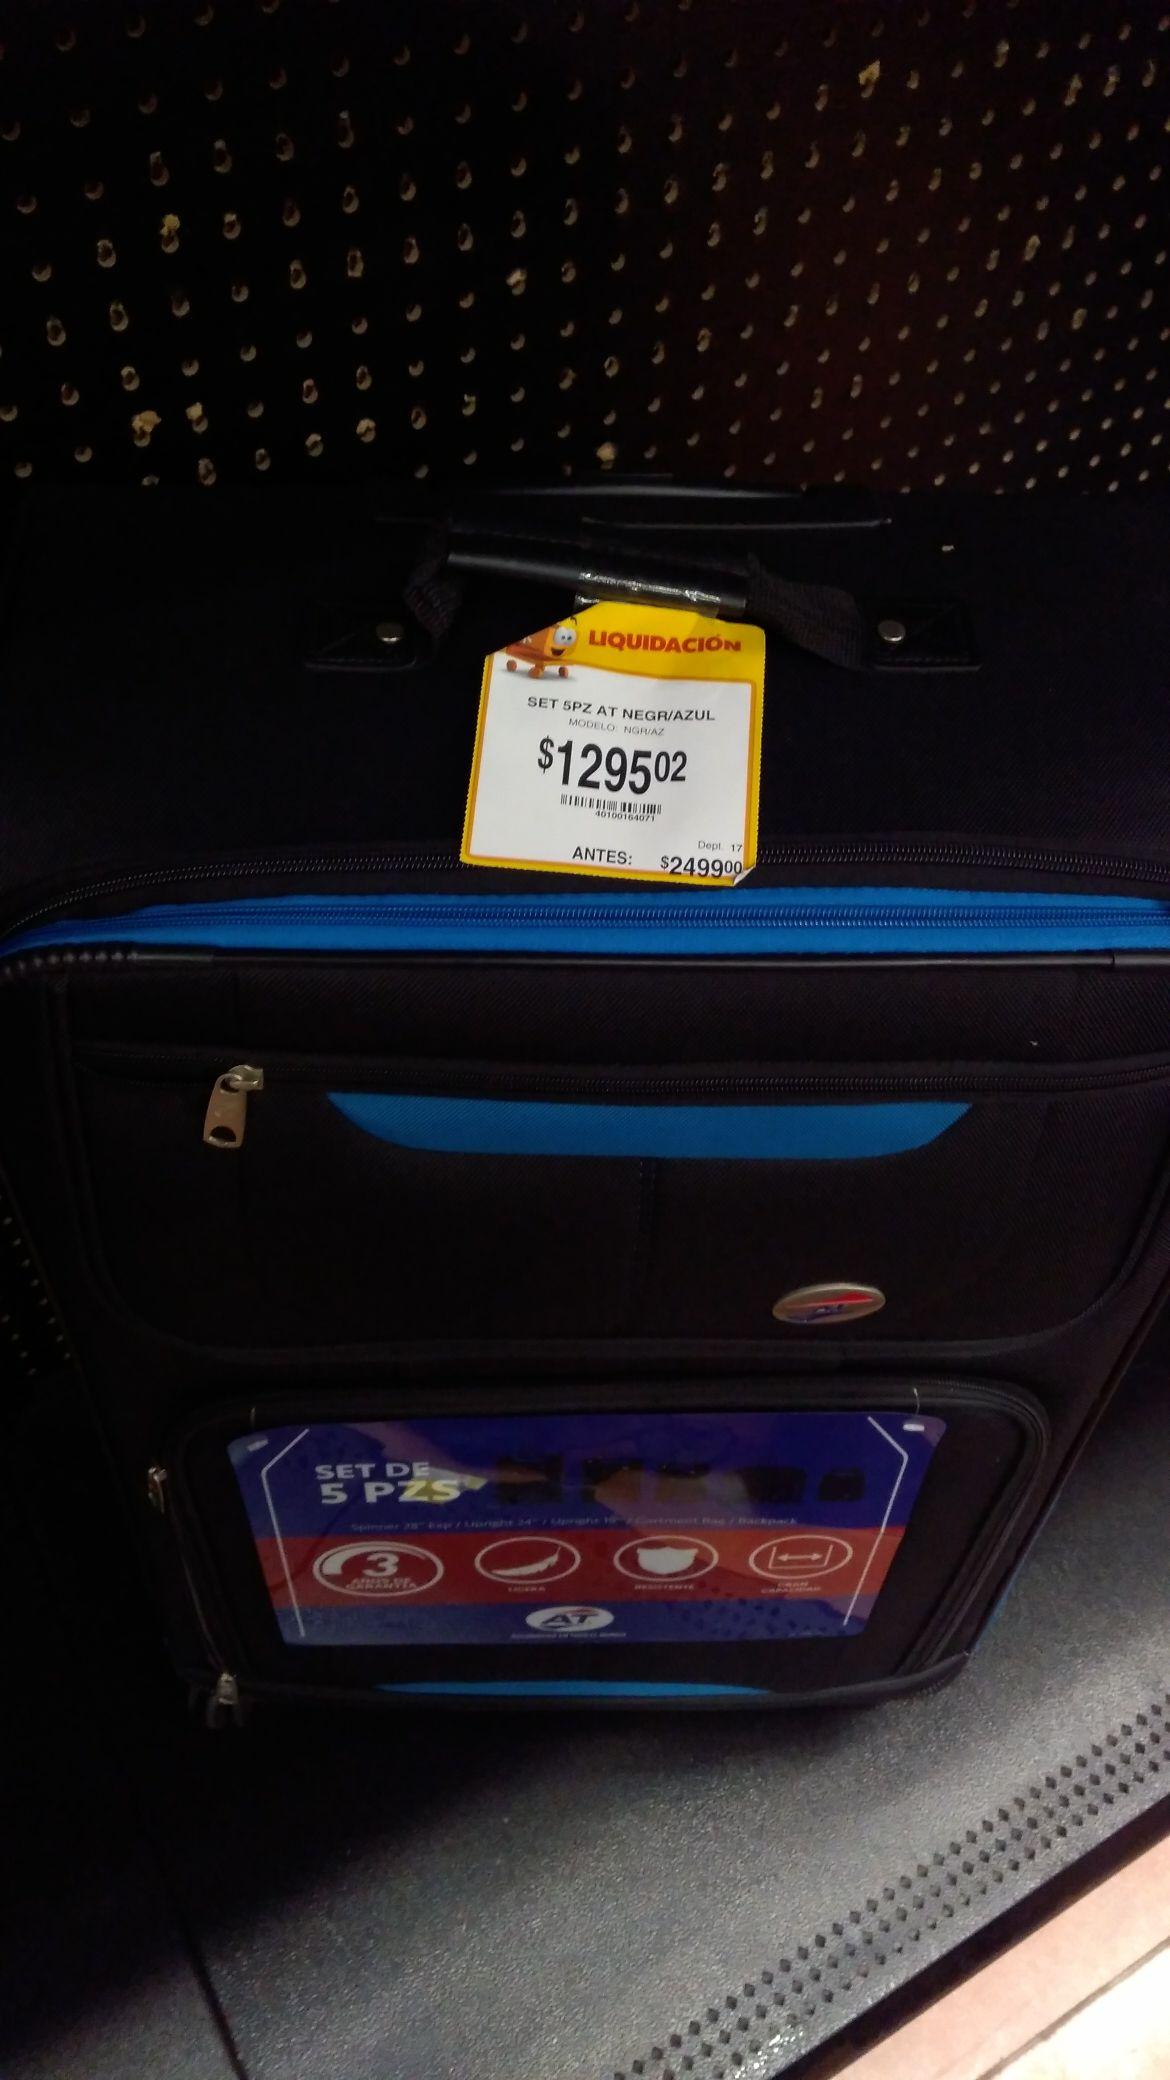 Walmart: Set 5 maletas AT